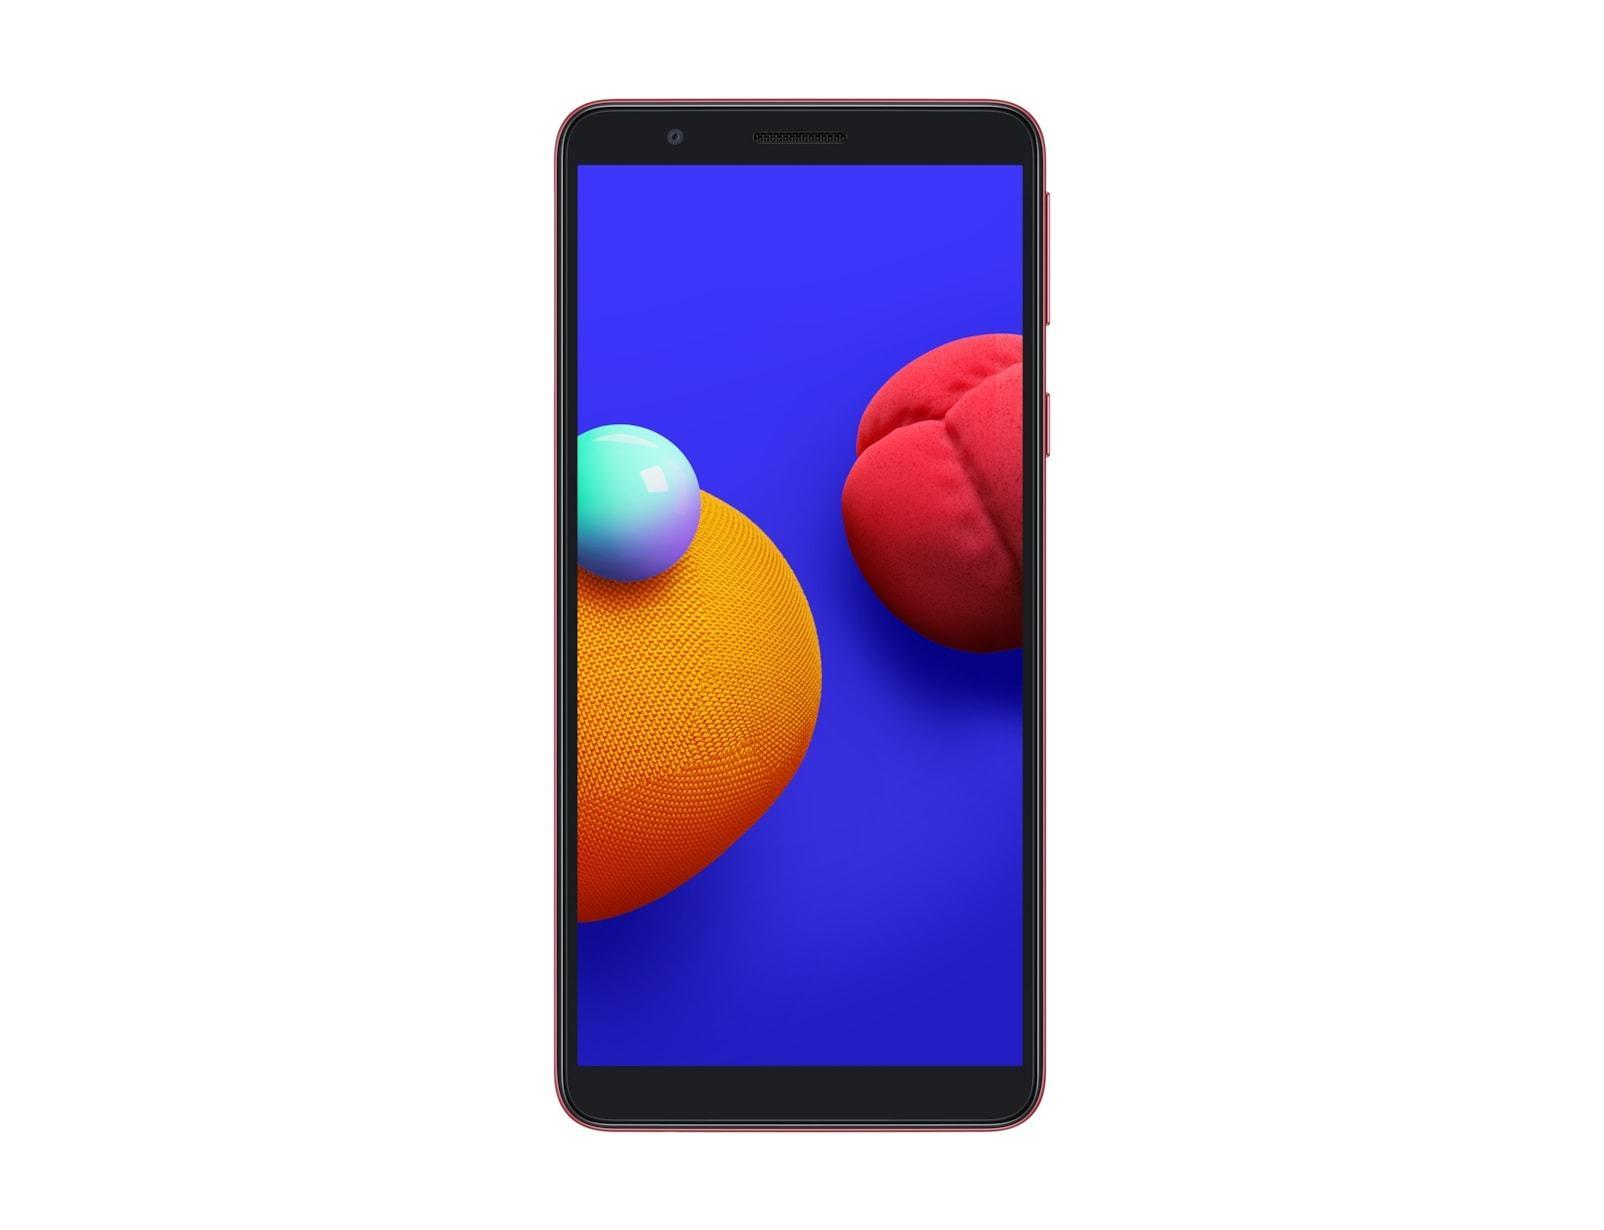 گوشی سامسونگ Galaxy A01 Core گنجایش 16GB قرمز